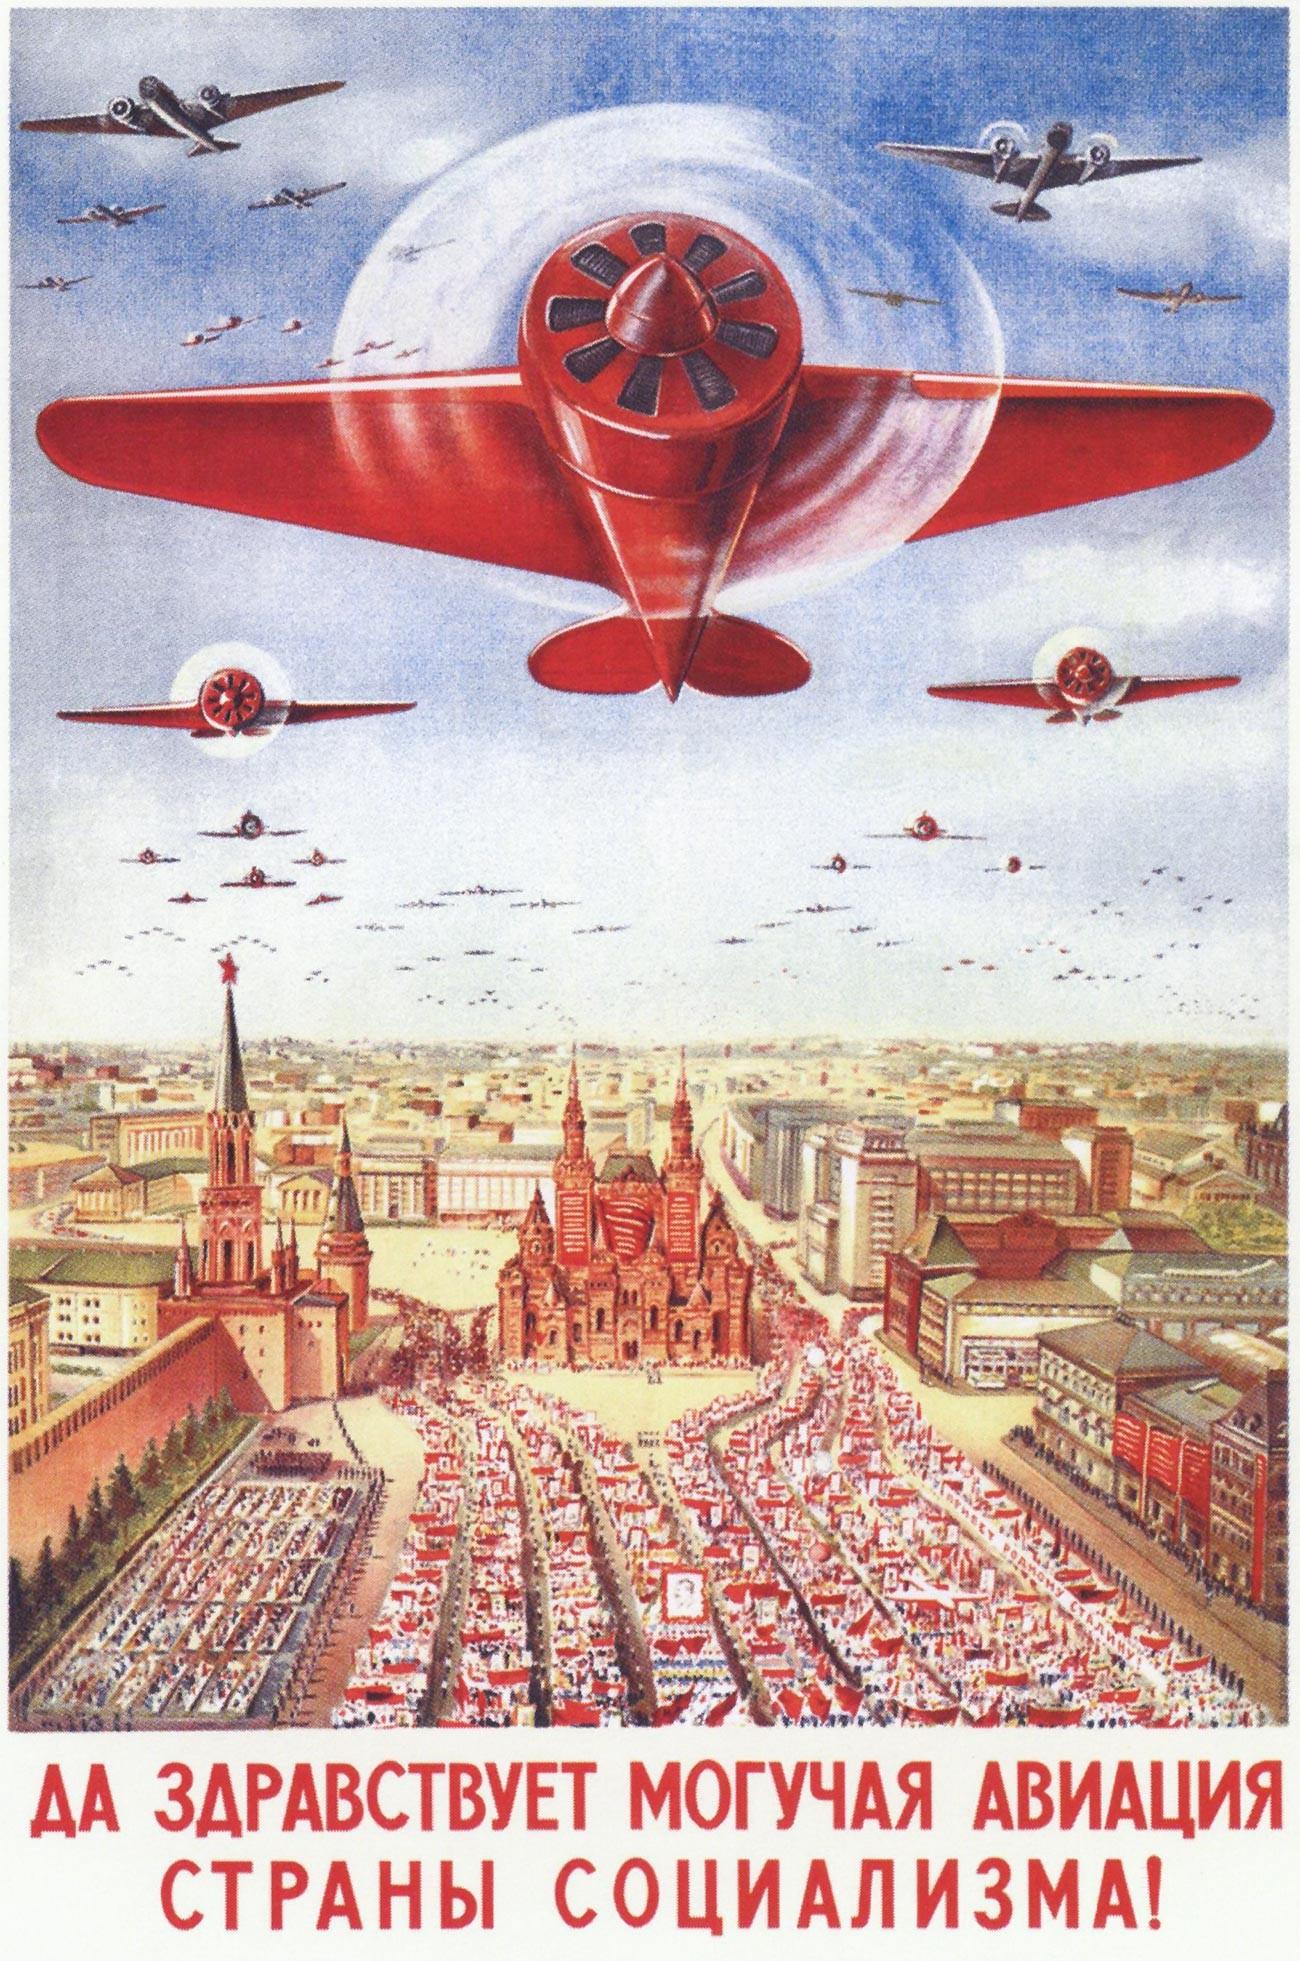 « Vive la puissante aviation du pays du socialisme ! »